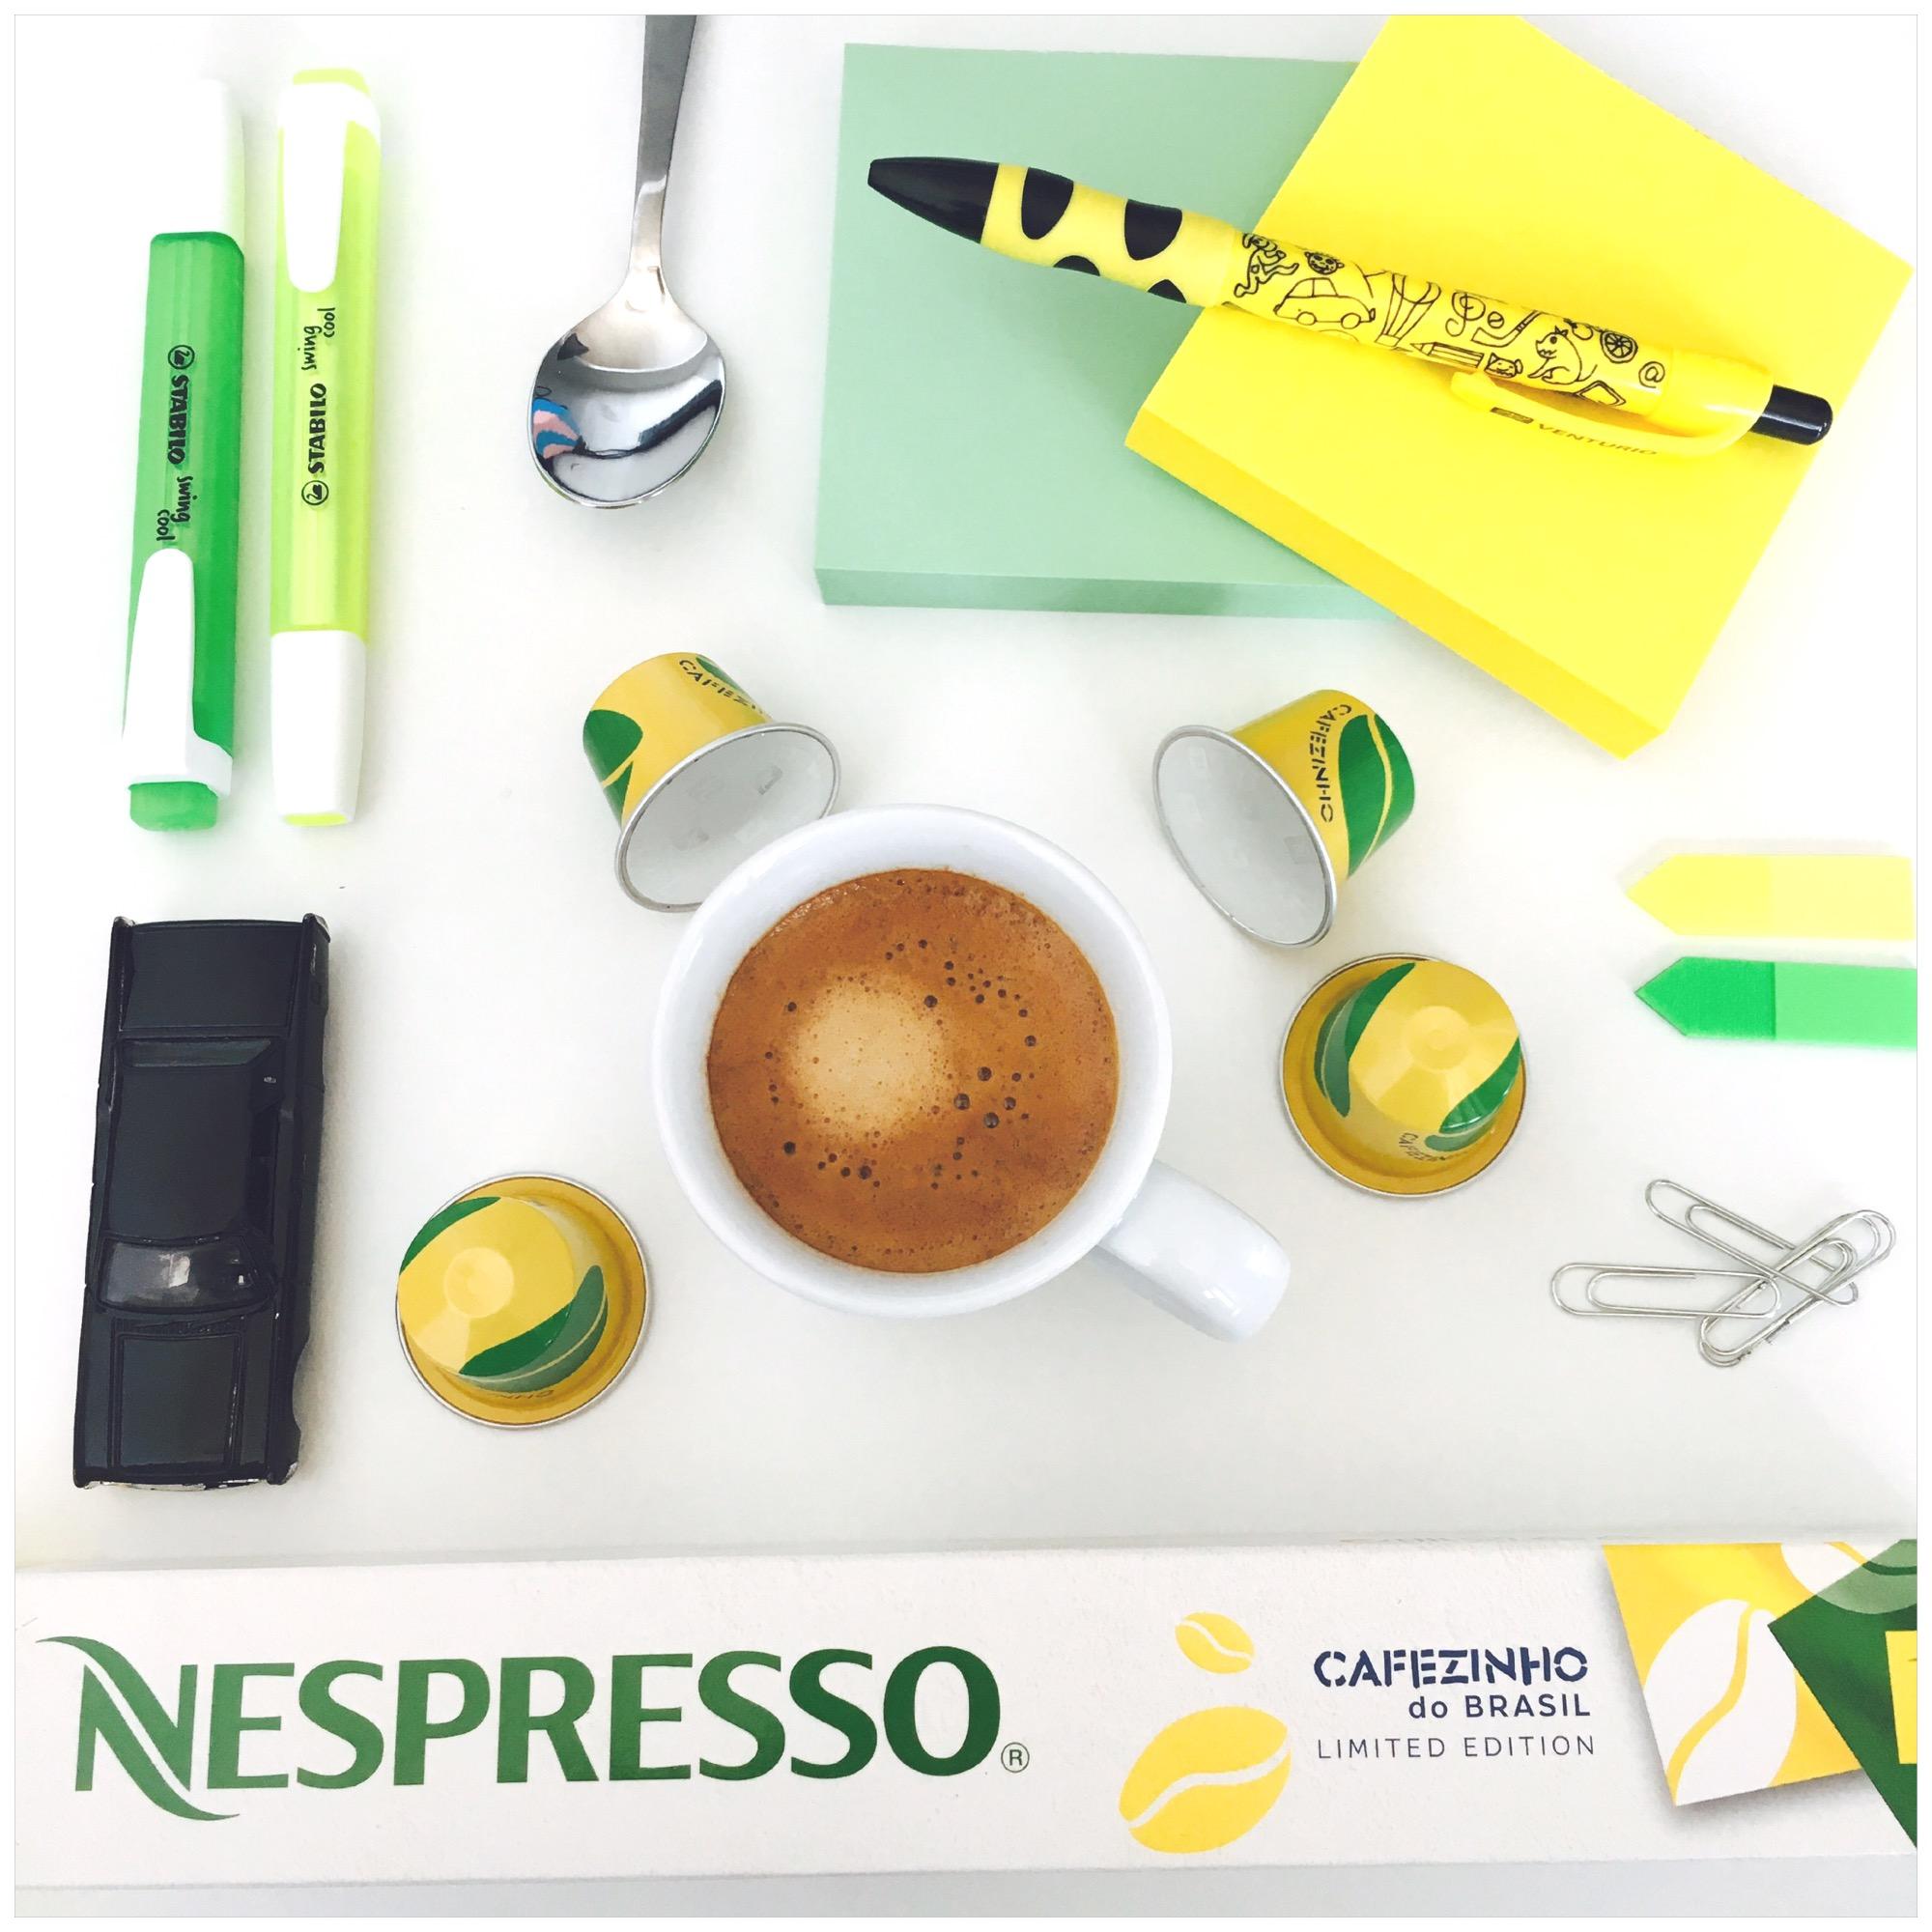 Asi osud, že mám Nespresso kávky i v práci, co říkáte? :-)